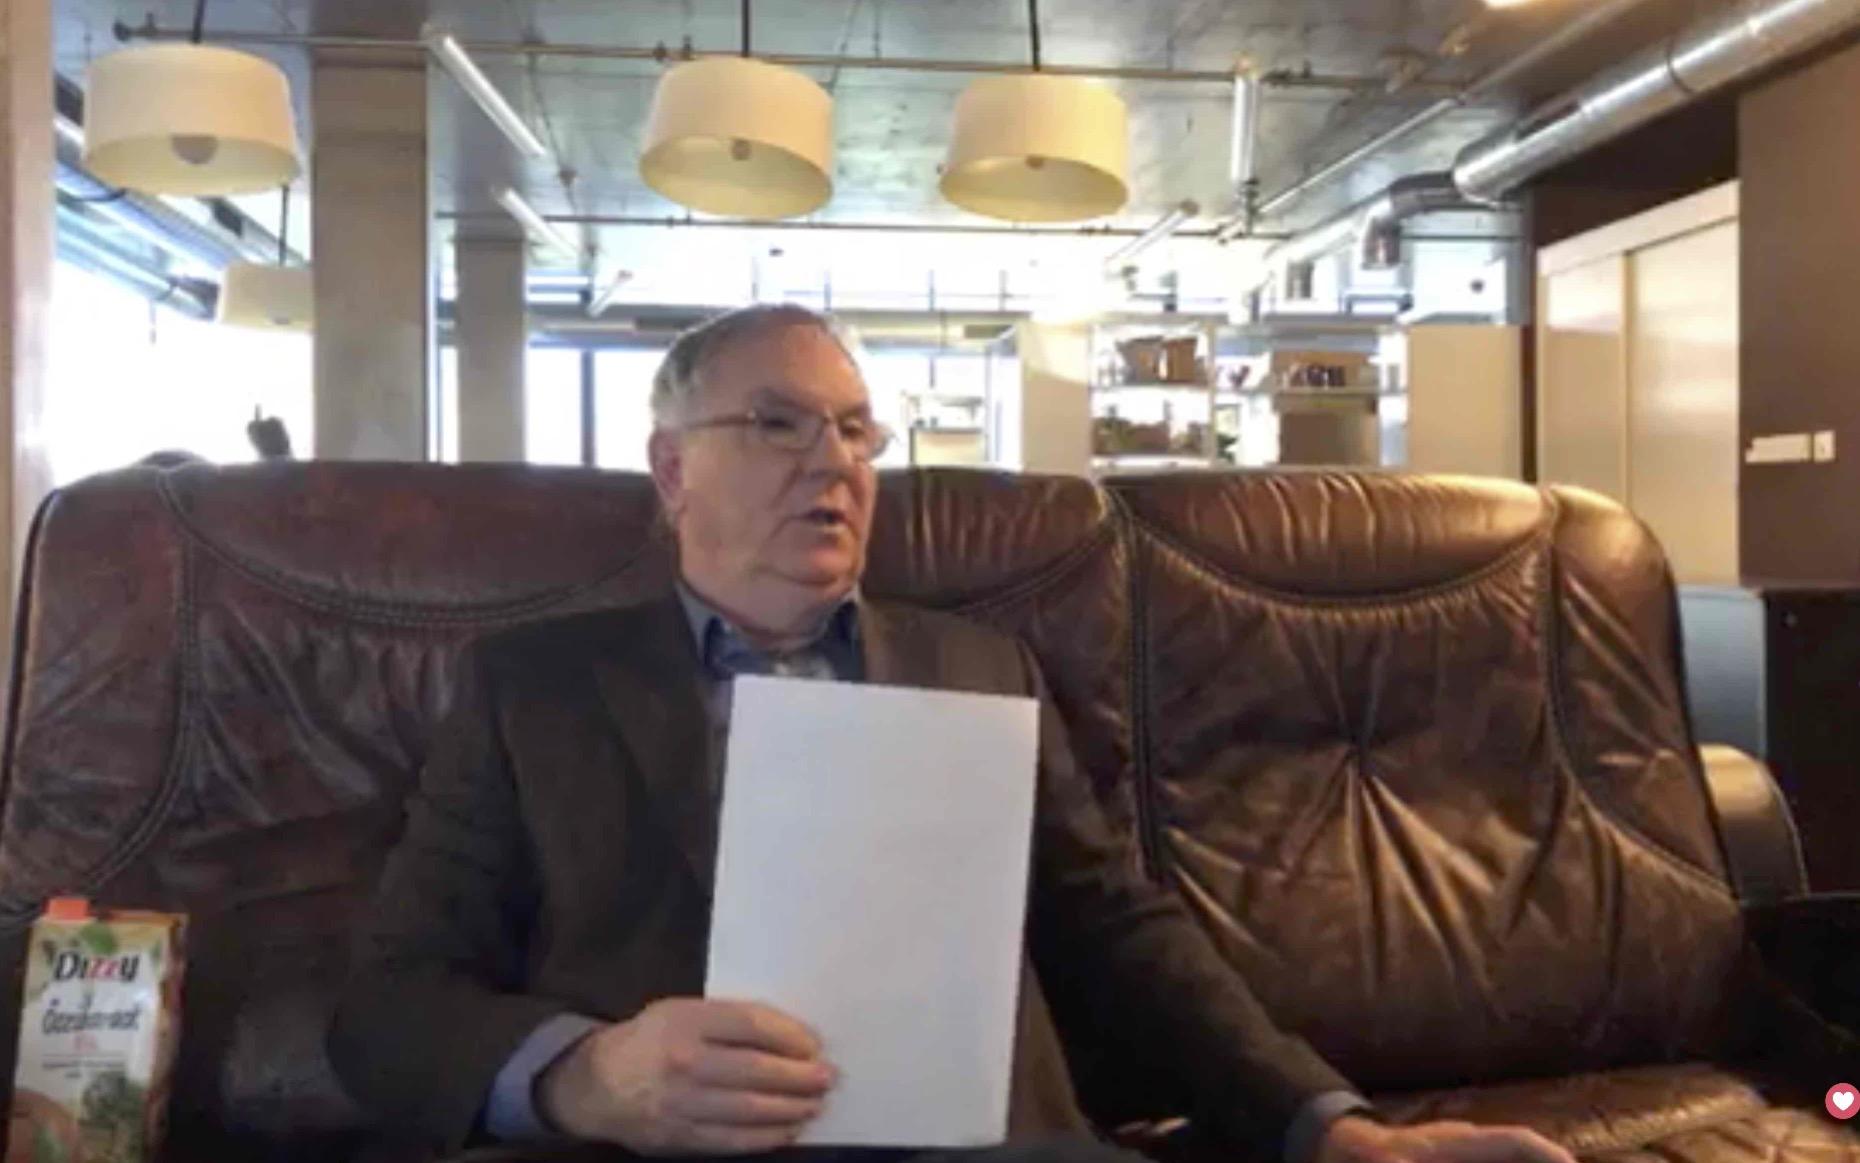 A Duna Médiaszolgáltató vezetője leült Hadházyékhoz, és kijelentette: Tökéletesen jónak és pártatlannak tartja a magyar közmédia Híradóit